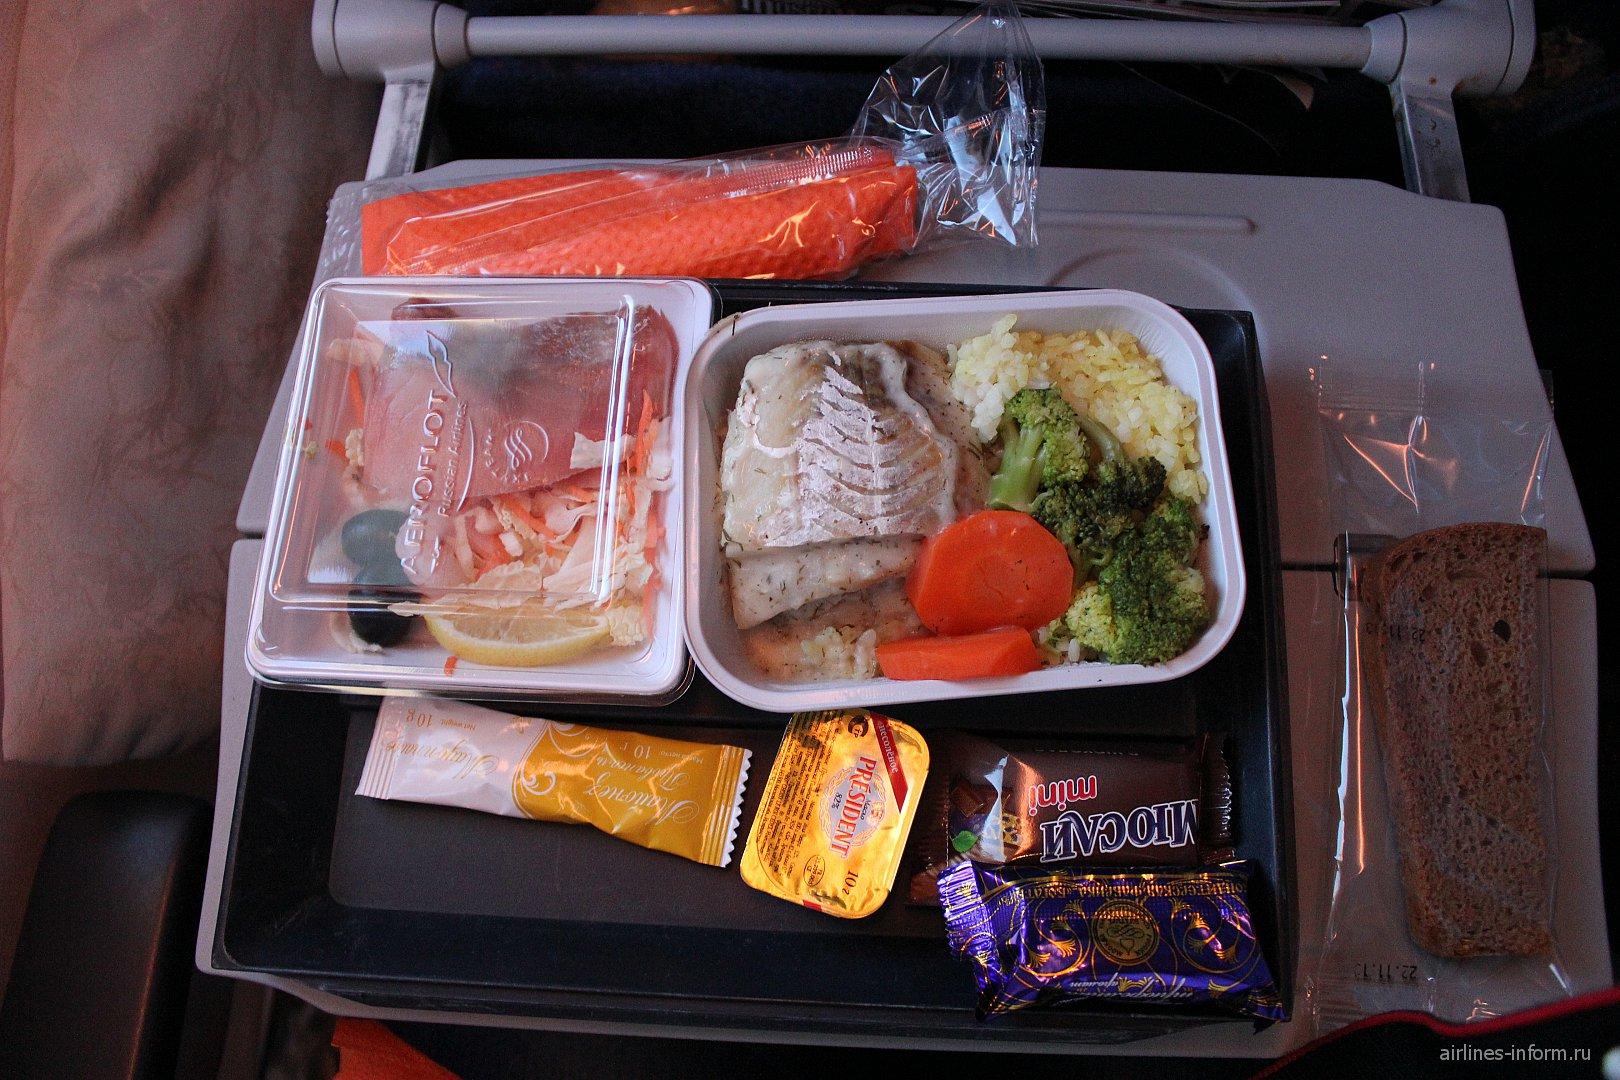 Второе питание на рейсе Аэрофлота Владивосток-Москва